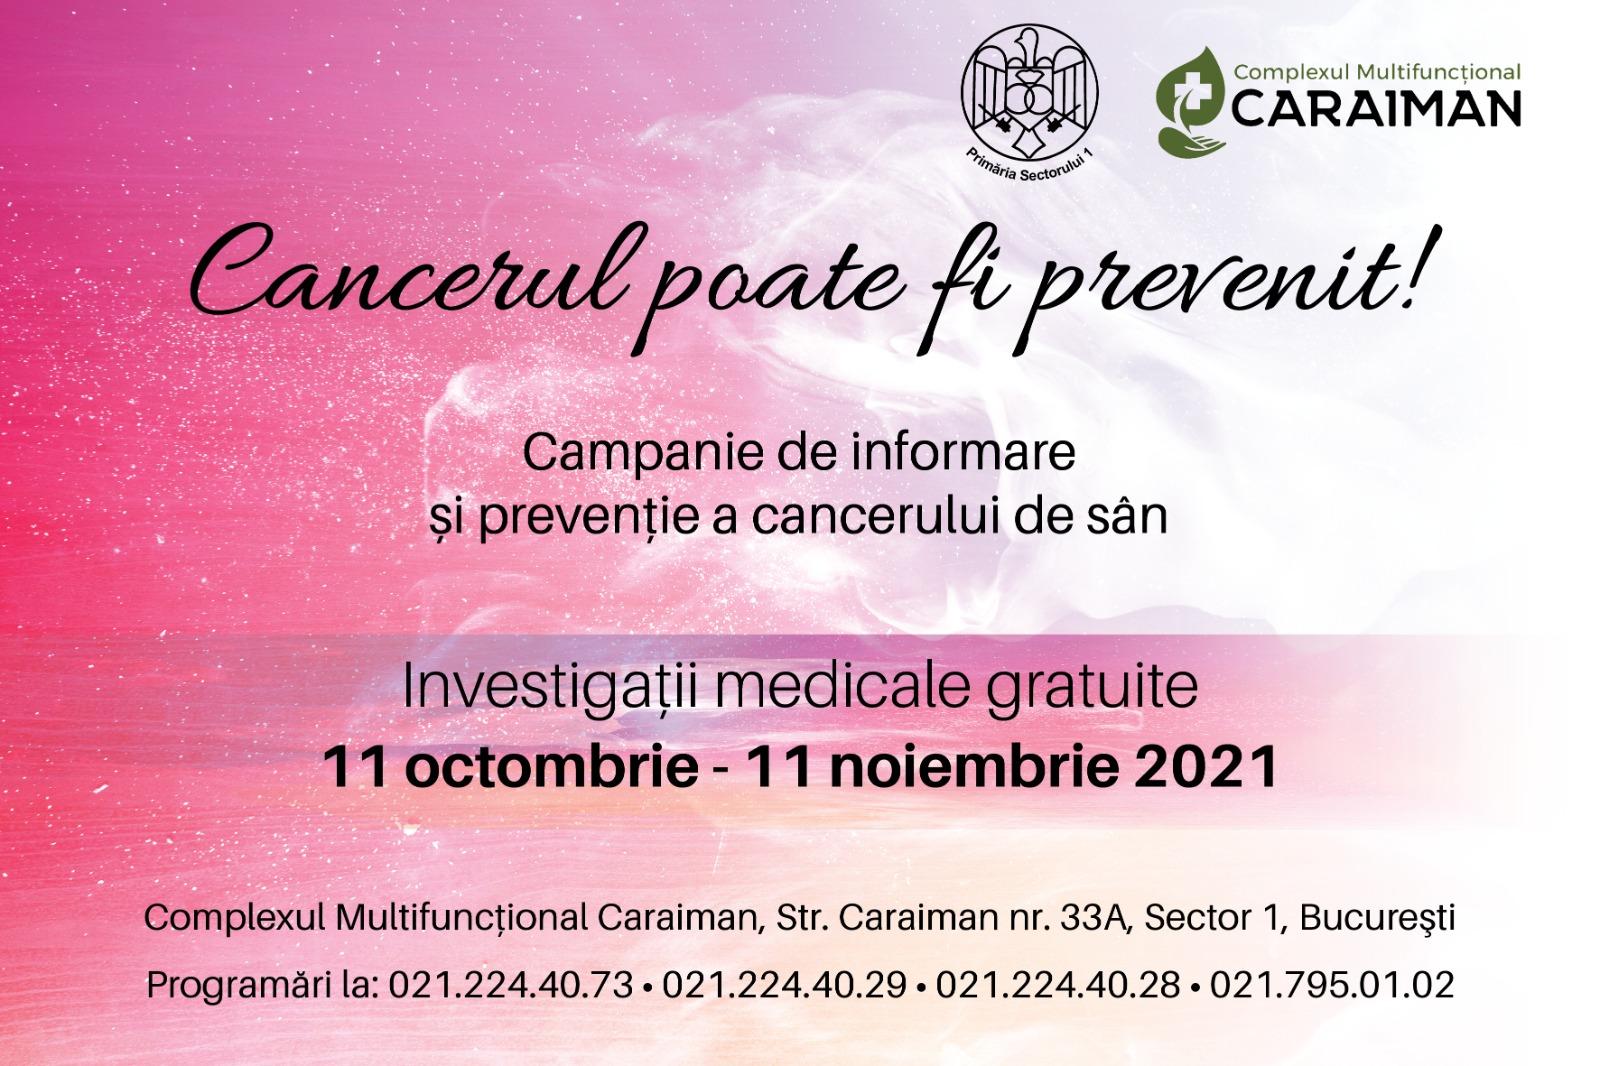 Mamografii și ecografii mamare gratuite pentru femeile din Sectorul 1 la Complexul Multifuncțional Caraiman